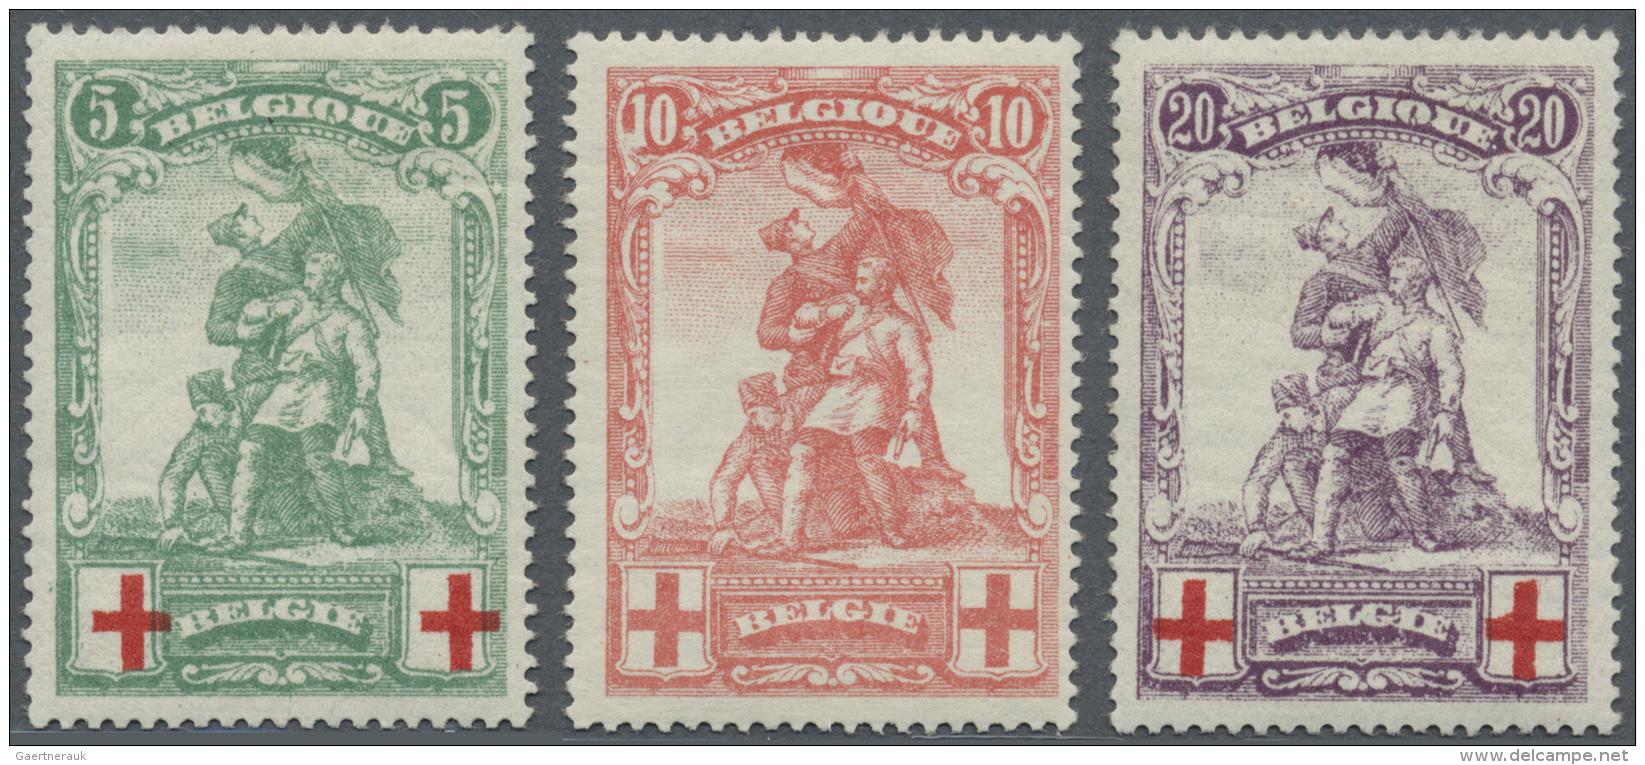 Belgien: 1914/1925, Rotes Kreuz (I) Und 75 Jahre Belgische Briefmarken Als Zwei Postfrische Sätze - Unused Stamps